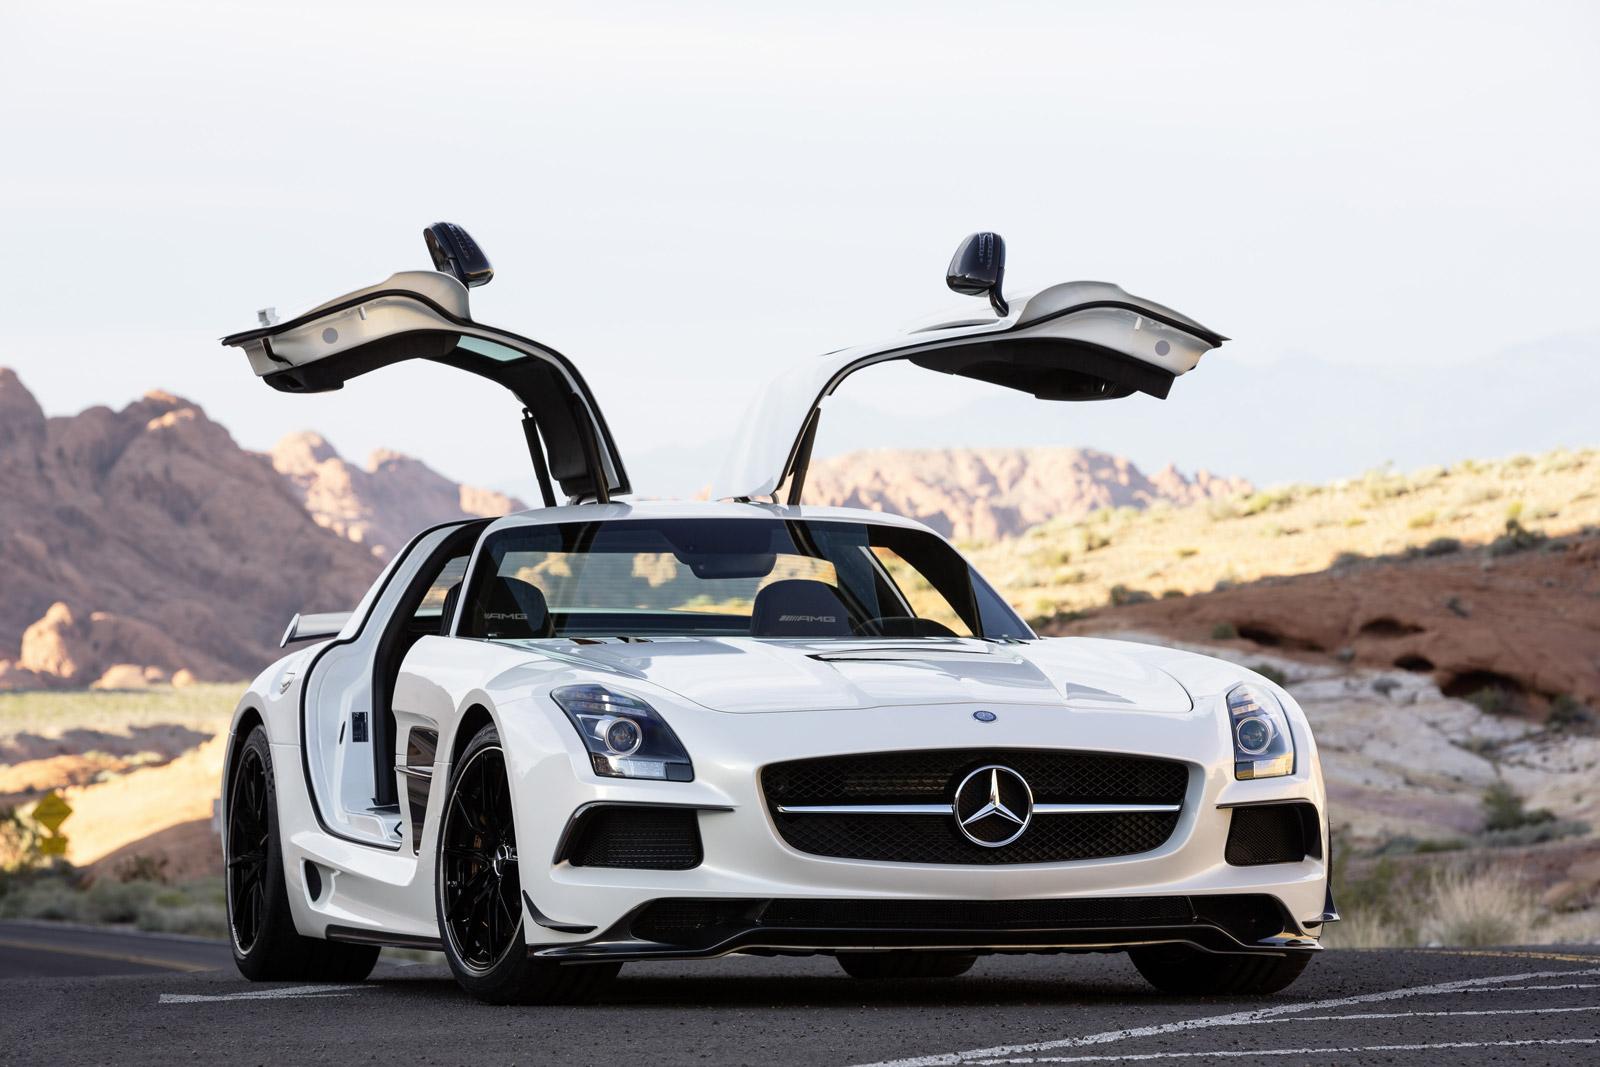 2014 mercedes benz sls amg review ratings specs prices for Mercedes benz sls amg cost